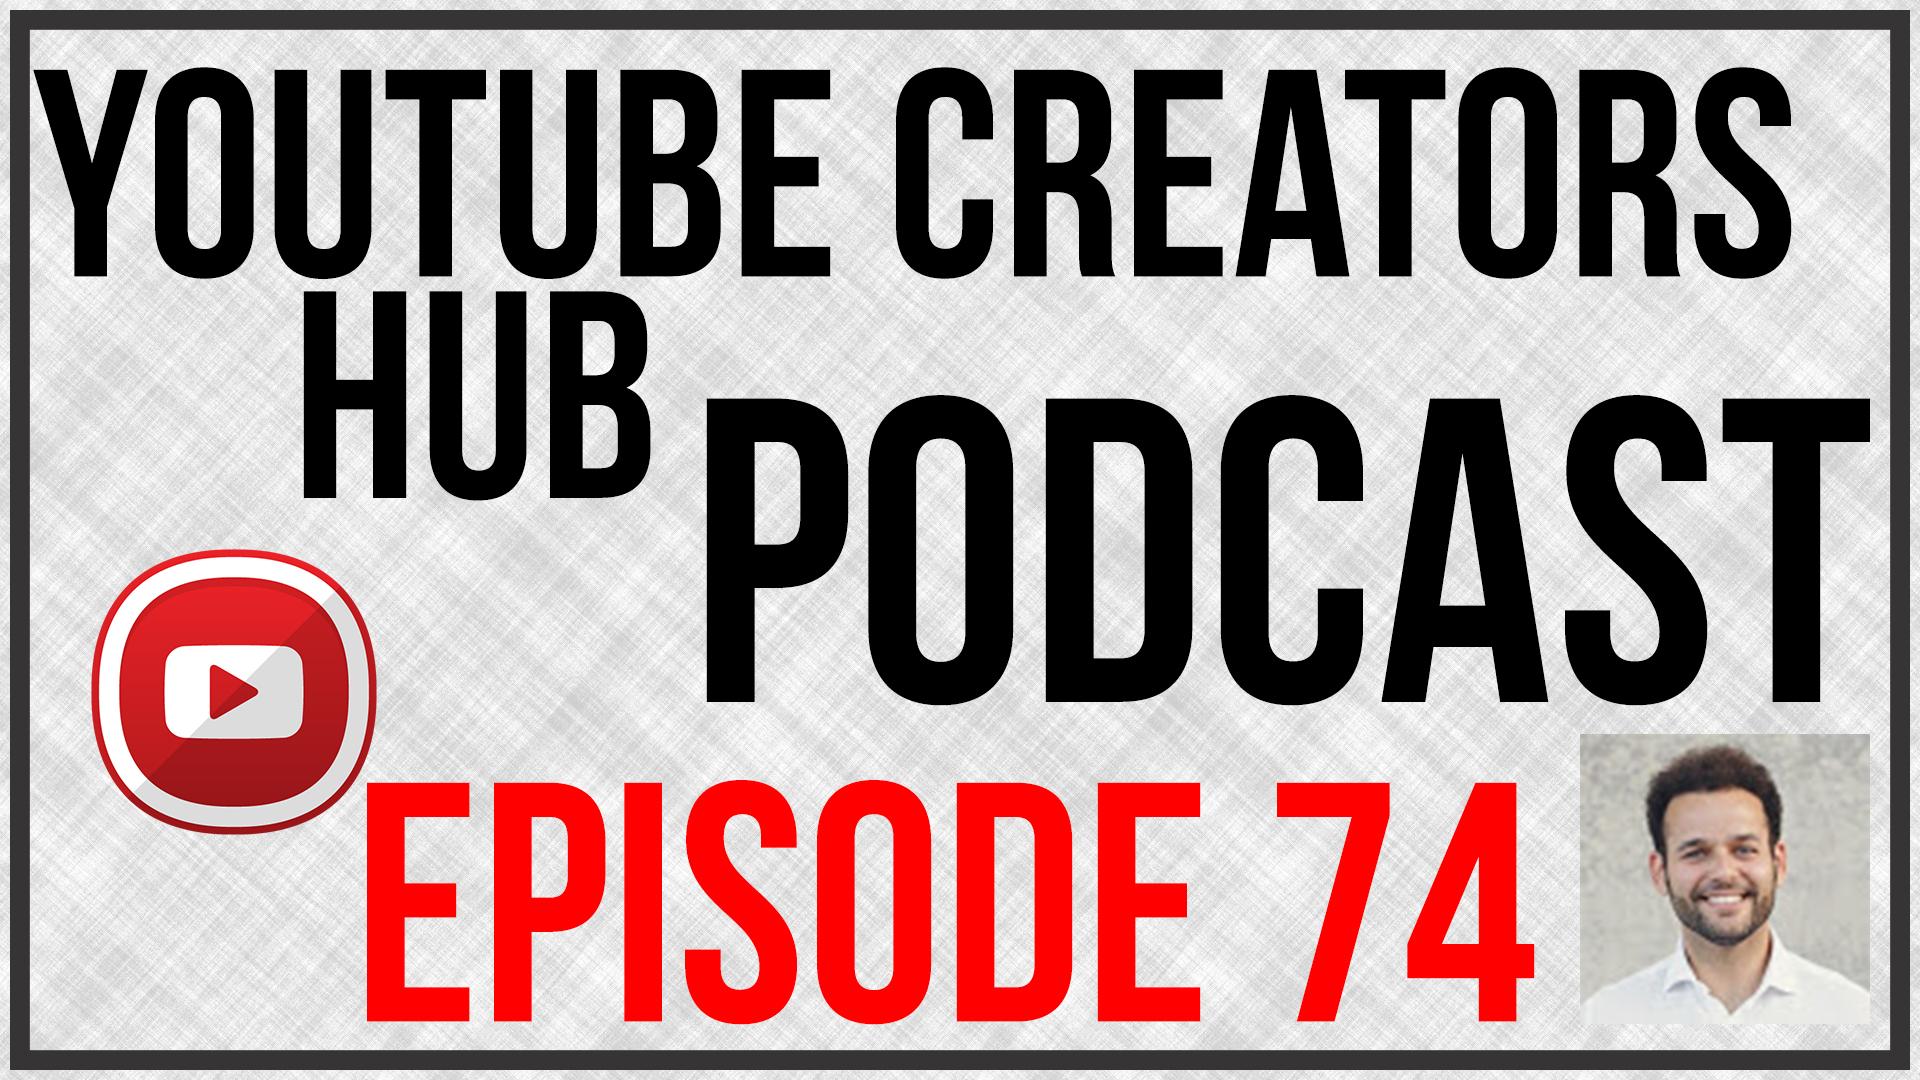 YouTube Creators Hub Episode 74